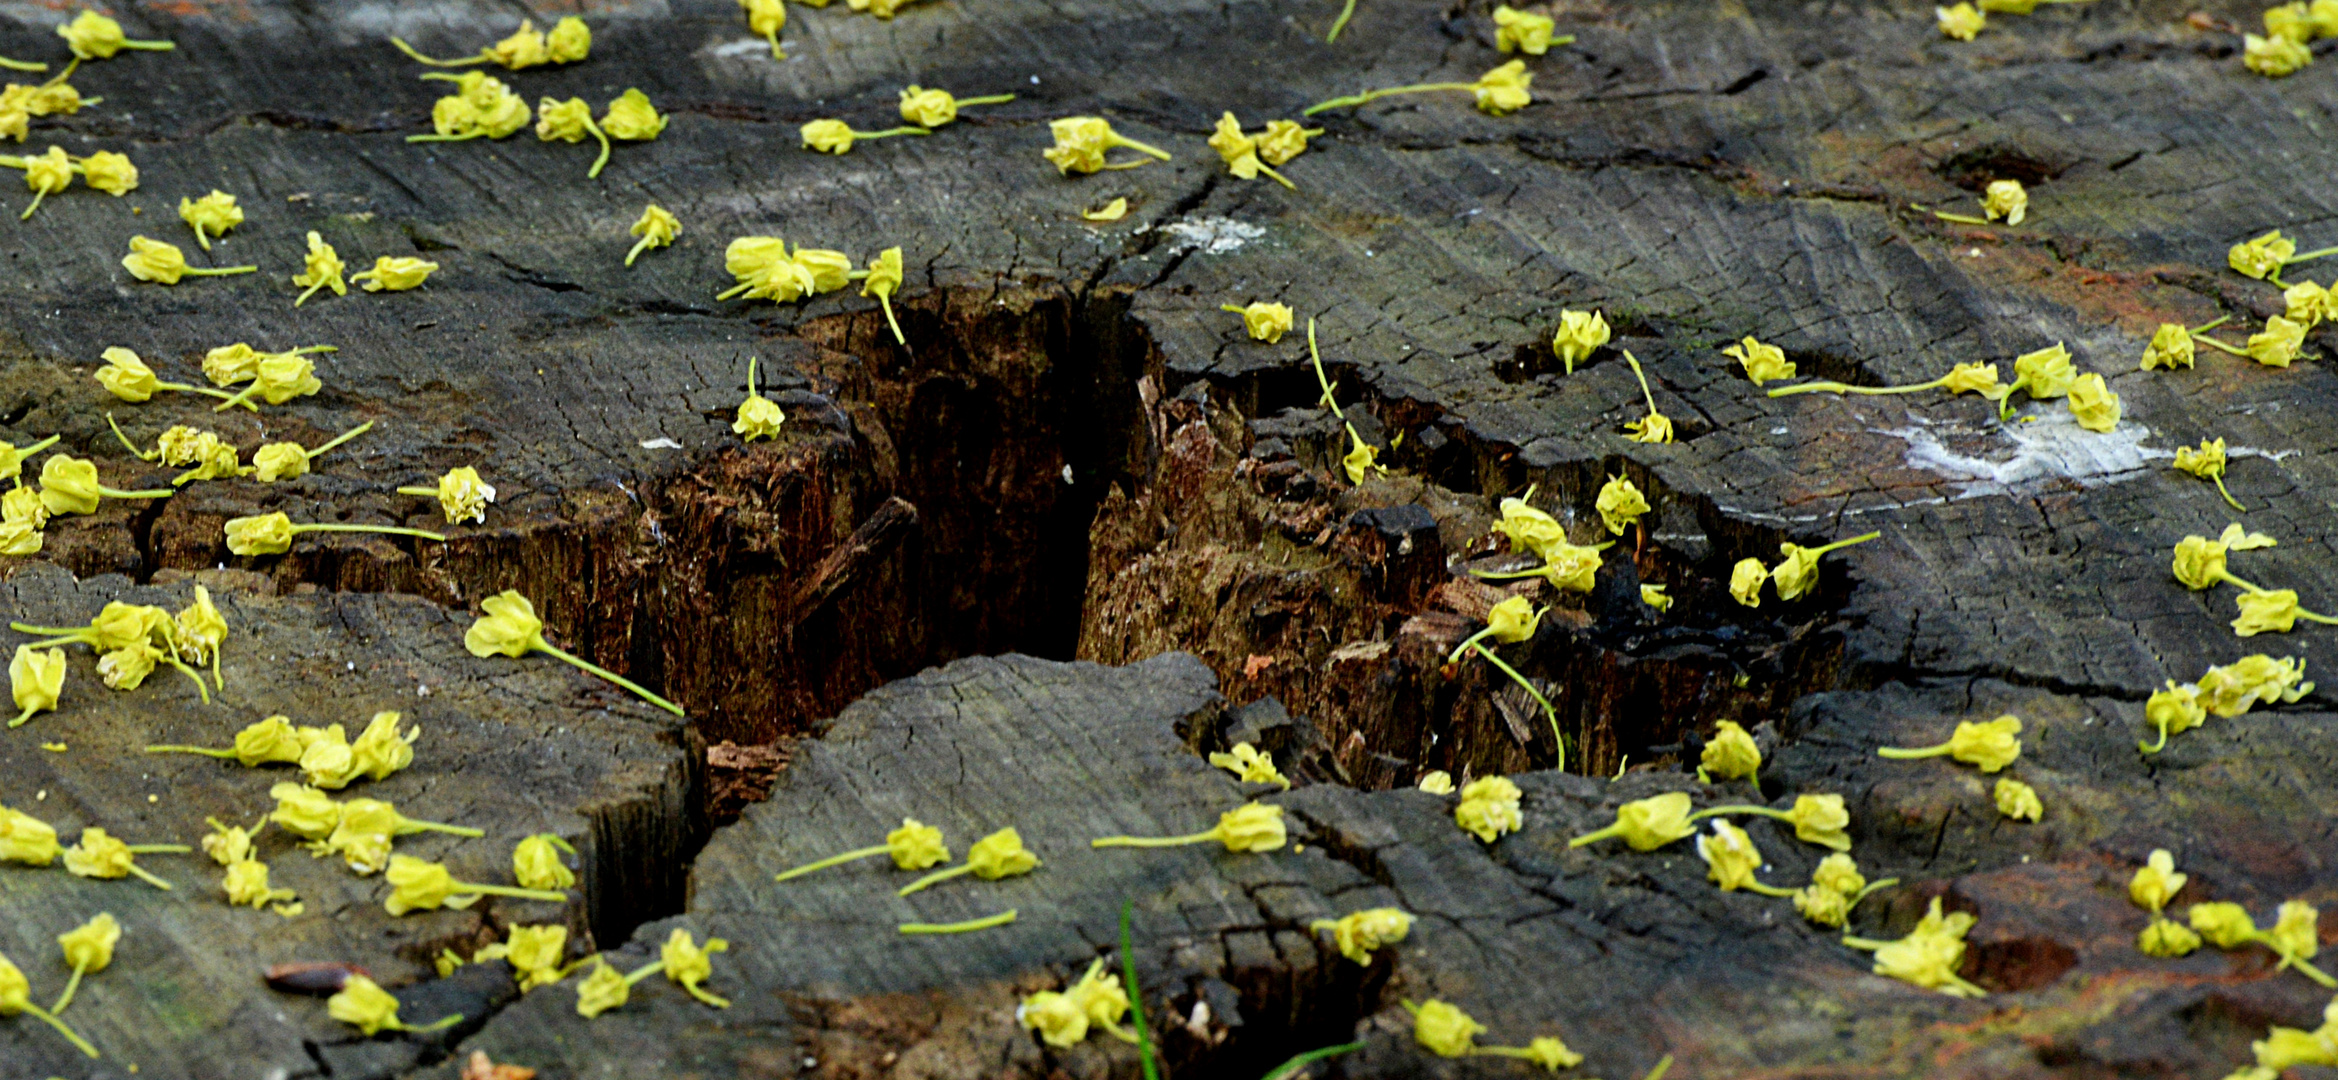 Blüten-Teppich auf dem Weg ins Nirwana